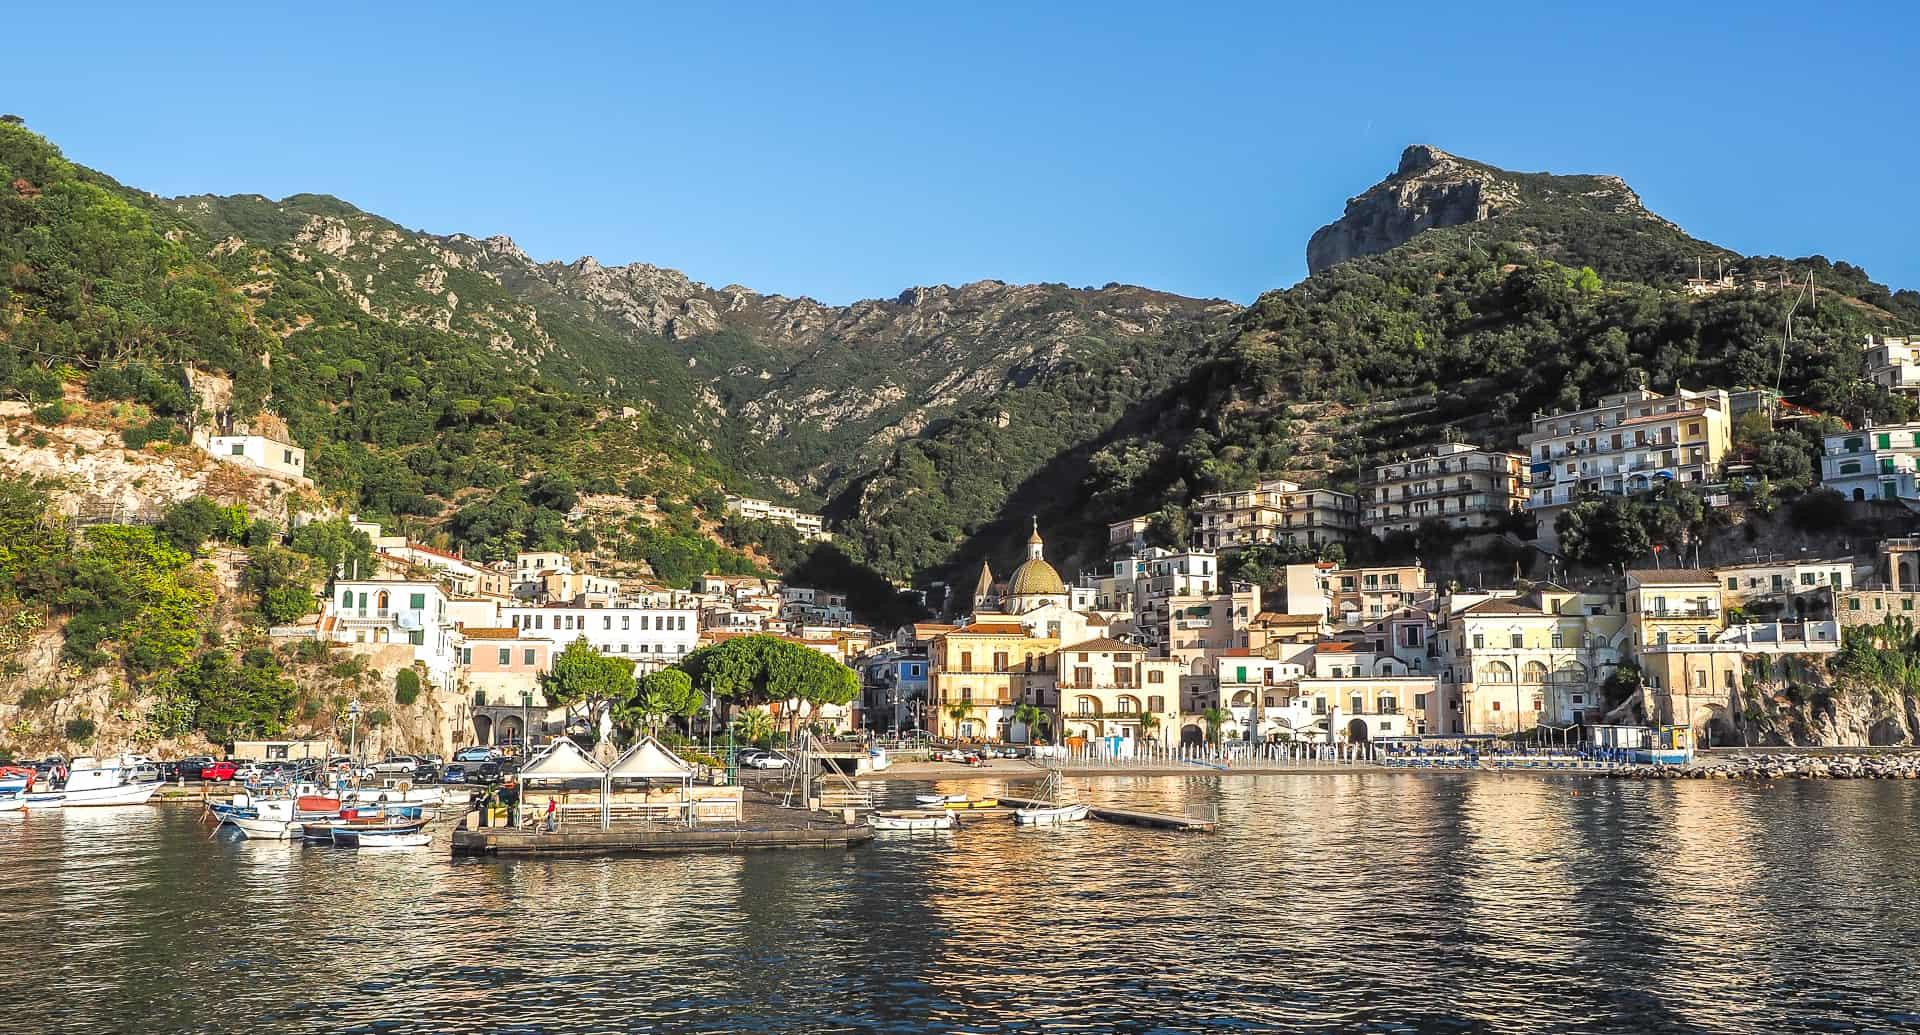 A guide to Cetara, Italy on the Amalfi Coast